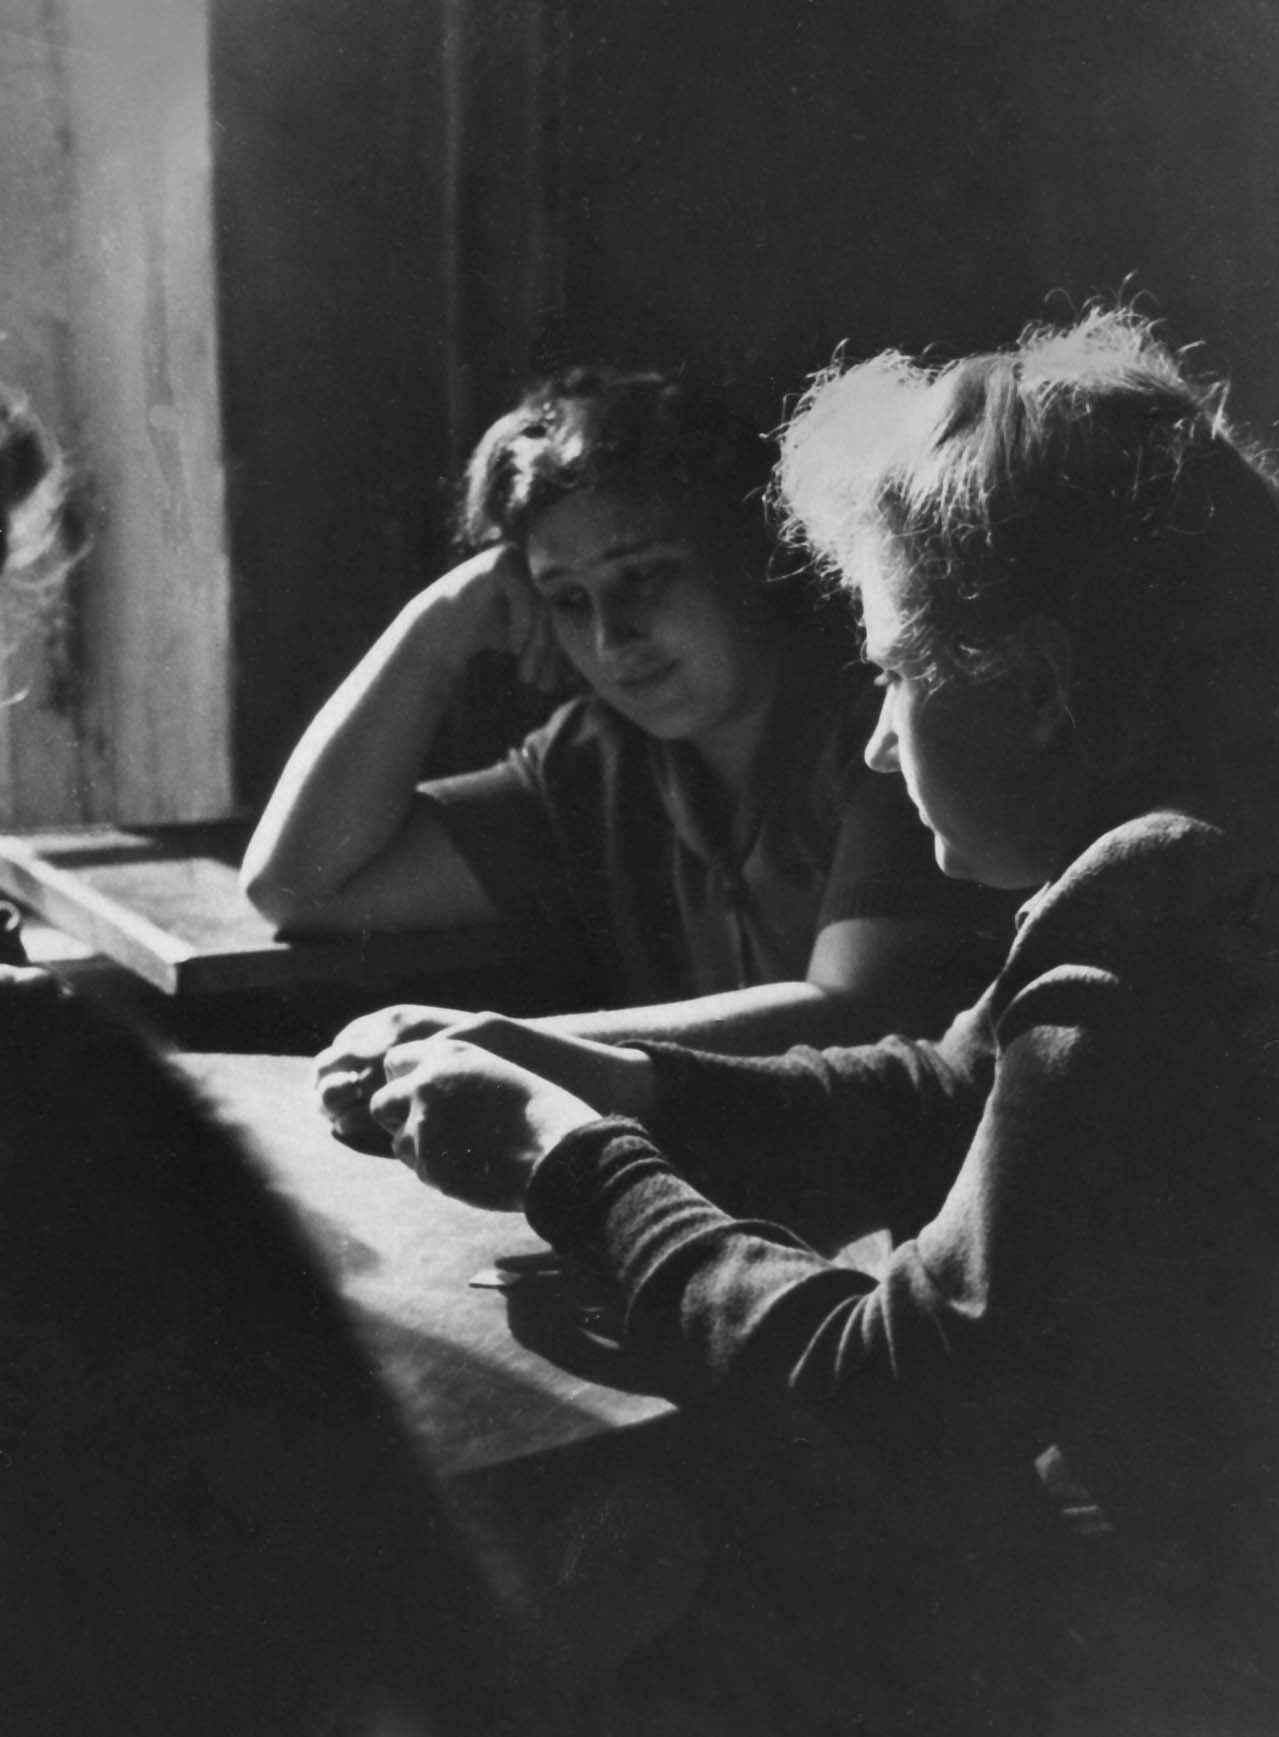 Экспонат #3. С Алей Вакуровой на ЦСДФ. 1949 год